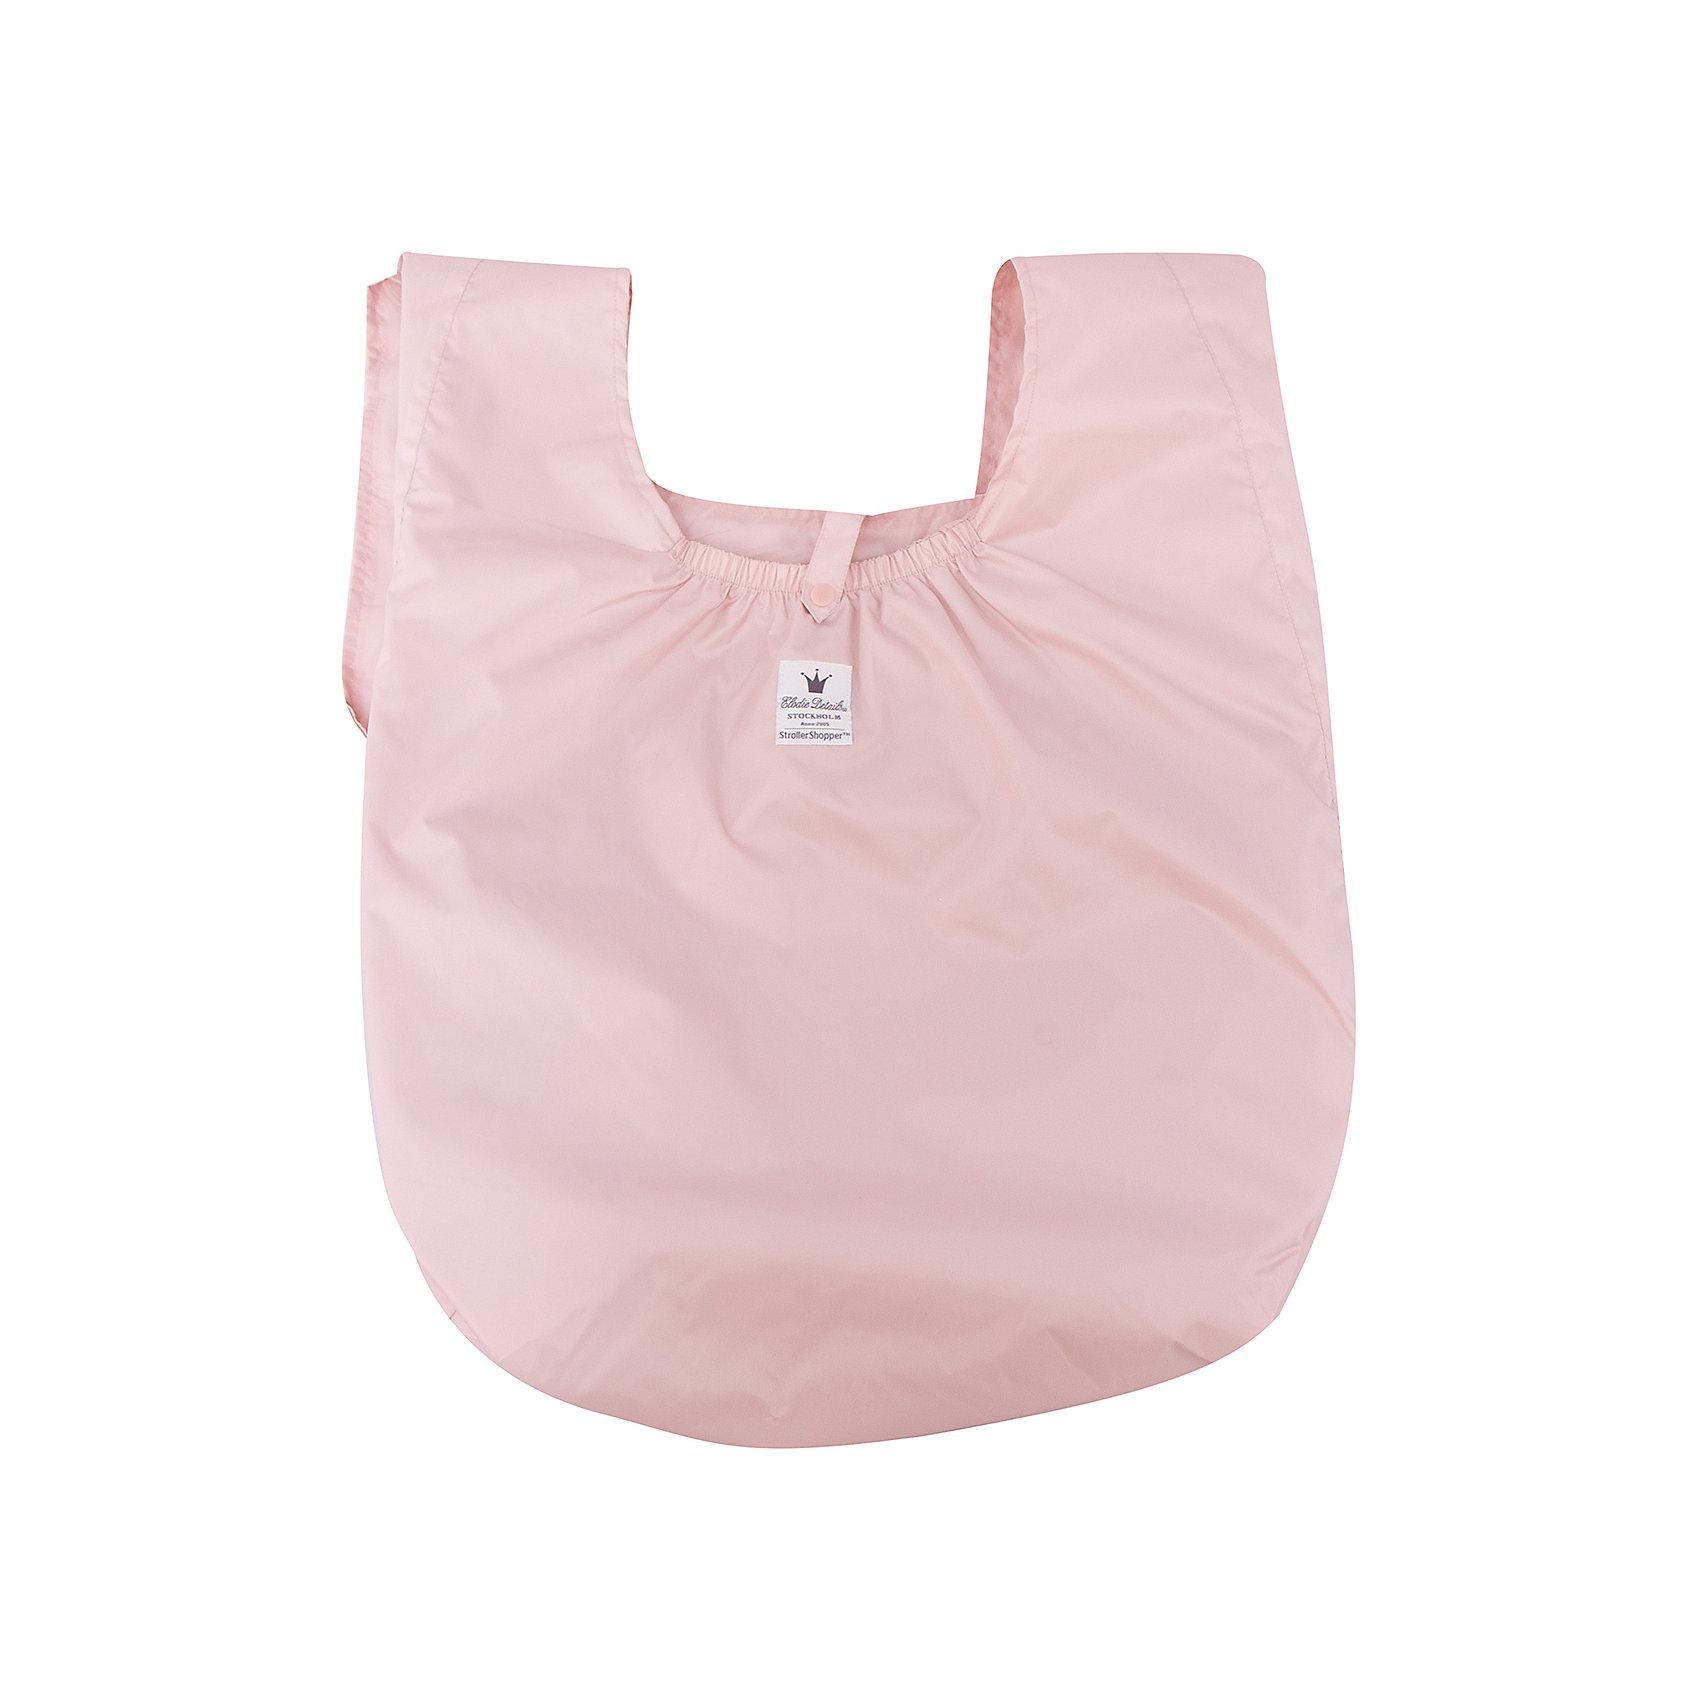 Сумка Powder Pink Stroller Shopper, Elodie DetailsСумки для колясок<br>Сумка Powder Pink Stroller Shopper, Elodie Details (Элоди Дитейлс)<br><br>Характеристики:<br><br>• широкий плечевой ремень<br>• вместительное отделение<br>• карман для подгузников<br>• застежка: кнопки<br>• материал: полиэстер<br>• размер упаковки: 29х29х1 см<br>• вес: 150 грамм<br><br>Powder Pink Stroller Shopper - качественная и практичная сумка от известного бренда Elodie Details. Она имеет одно вместительное отделение и специальный карман для подгузников, салфеток и пеленок. Сумка оснащена широким длинным ремнем, благодаря чему, вы сможете комфортно расположить её на плече или на ручке коляски. Сумка отлично подойдет любительницам шоппинга. С ней все необходимые предметы всегда будут под рукой, и вы сможете совершать покупки вместе с малышом.<br><br>Сумка Powder Pink Stroller Shopper, Elodie Details (Элоди Дитейлс) вы можете купить в нашем интернет-магазине.<br><br>Ширина мм: 10<br>Глубина мм: 290<br>Высота мм: 290<br>Вес г: 150<br>Возраст от месяцев: 0<br>Возраст до месяцев: 48<br>Пол: Женский<br>Возраст: Детский<br>SKU: 5613564